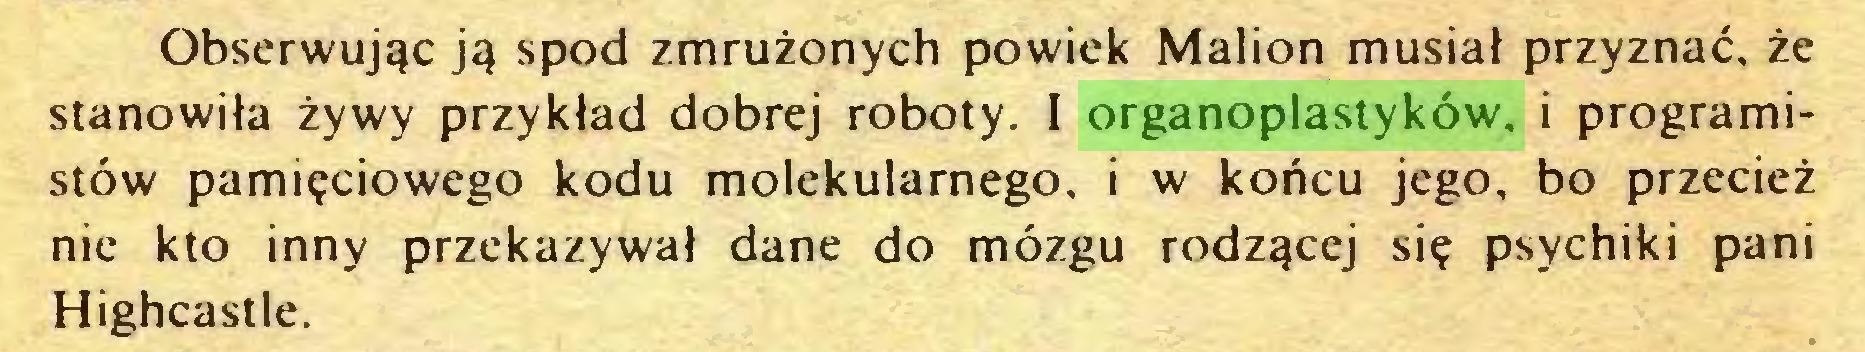 (...) Obserwując ją spod zmrużonych powiek Malion musiał przyznać, że stanowiła żywy przykład dobrej roboty. I organoplastyków. i programistów pamięciowego kodu molekularnego, i w końcu jego, bo przecież nie kto inny przekazywał dane do mózgu rodzącej się psychiki pani Highcastle...